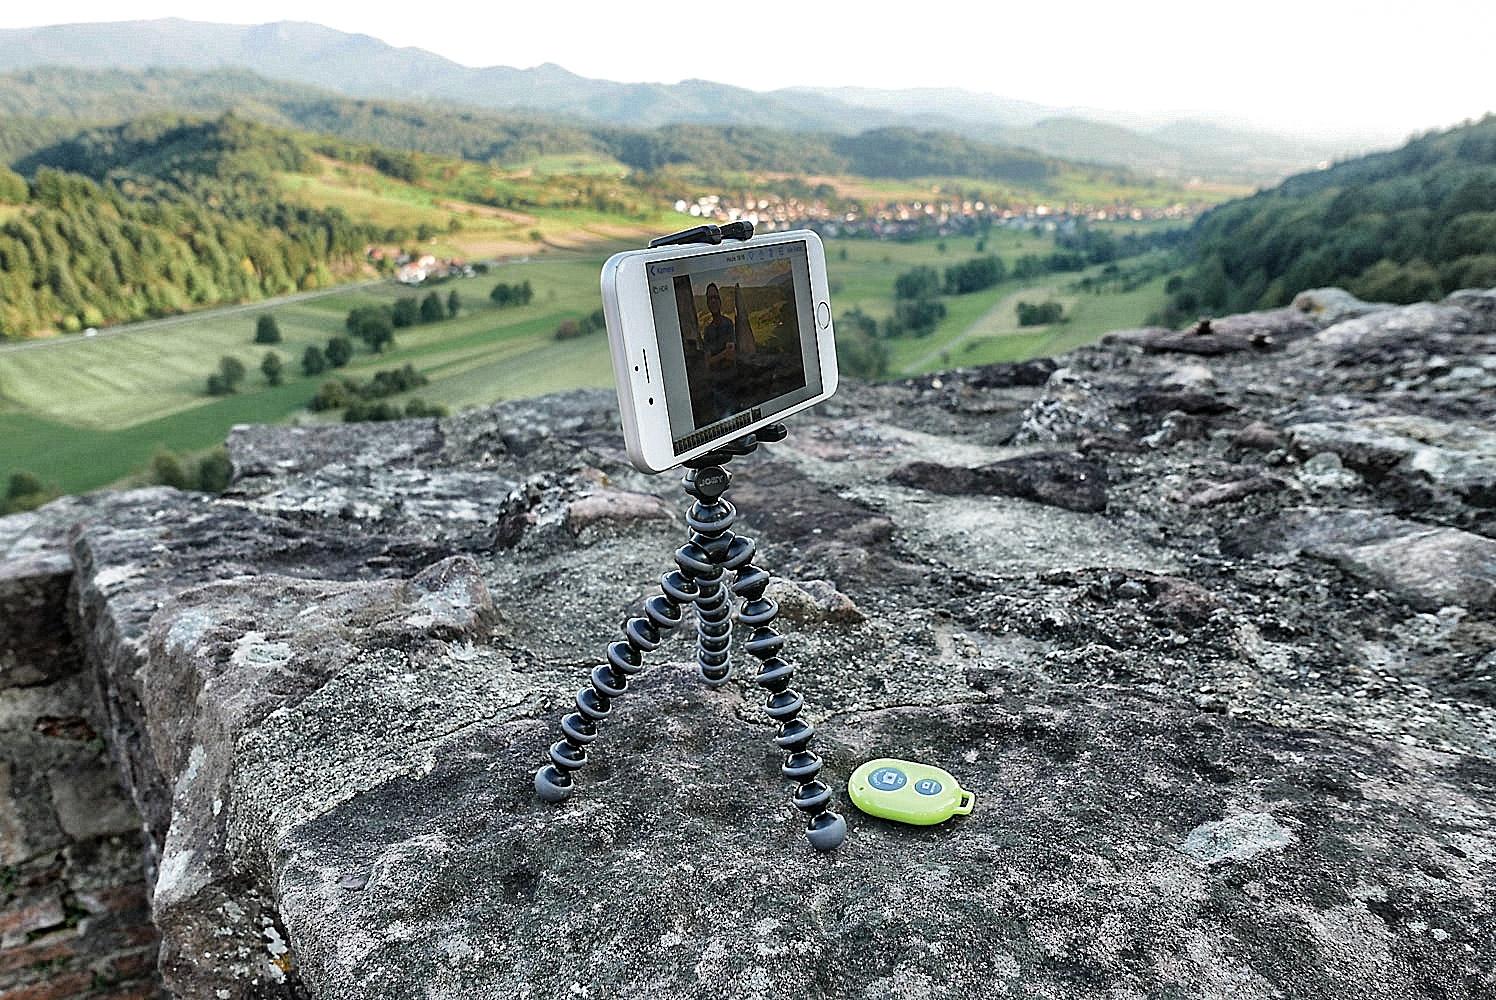 Runde Sache: Die komplette Geschichte eines Mini-Trips in Bildern und Videos.